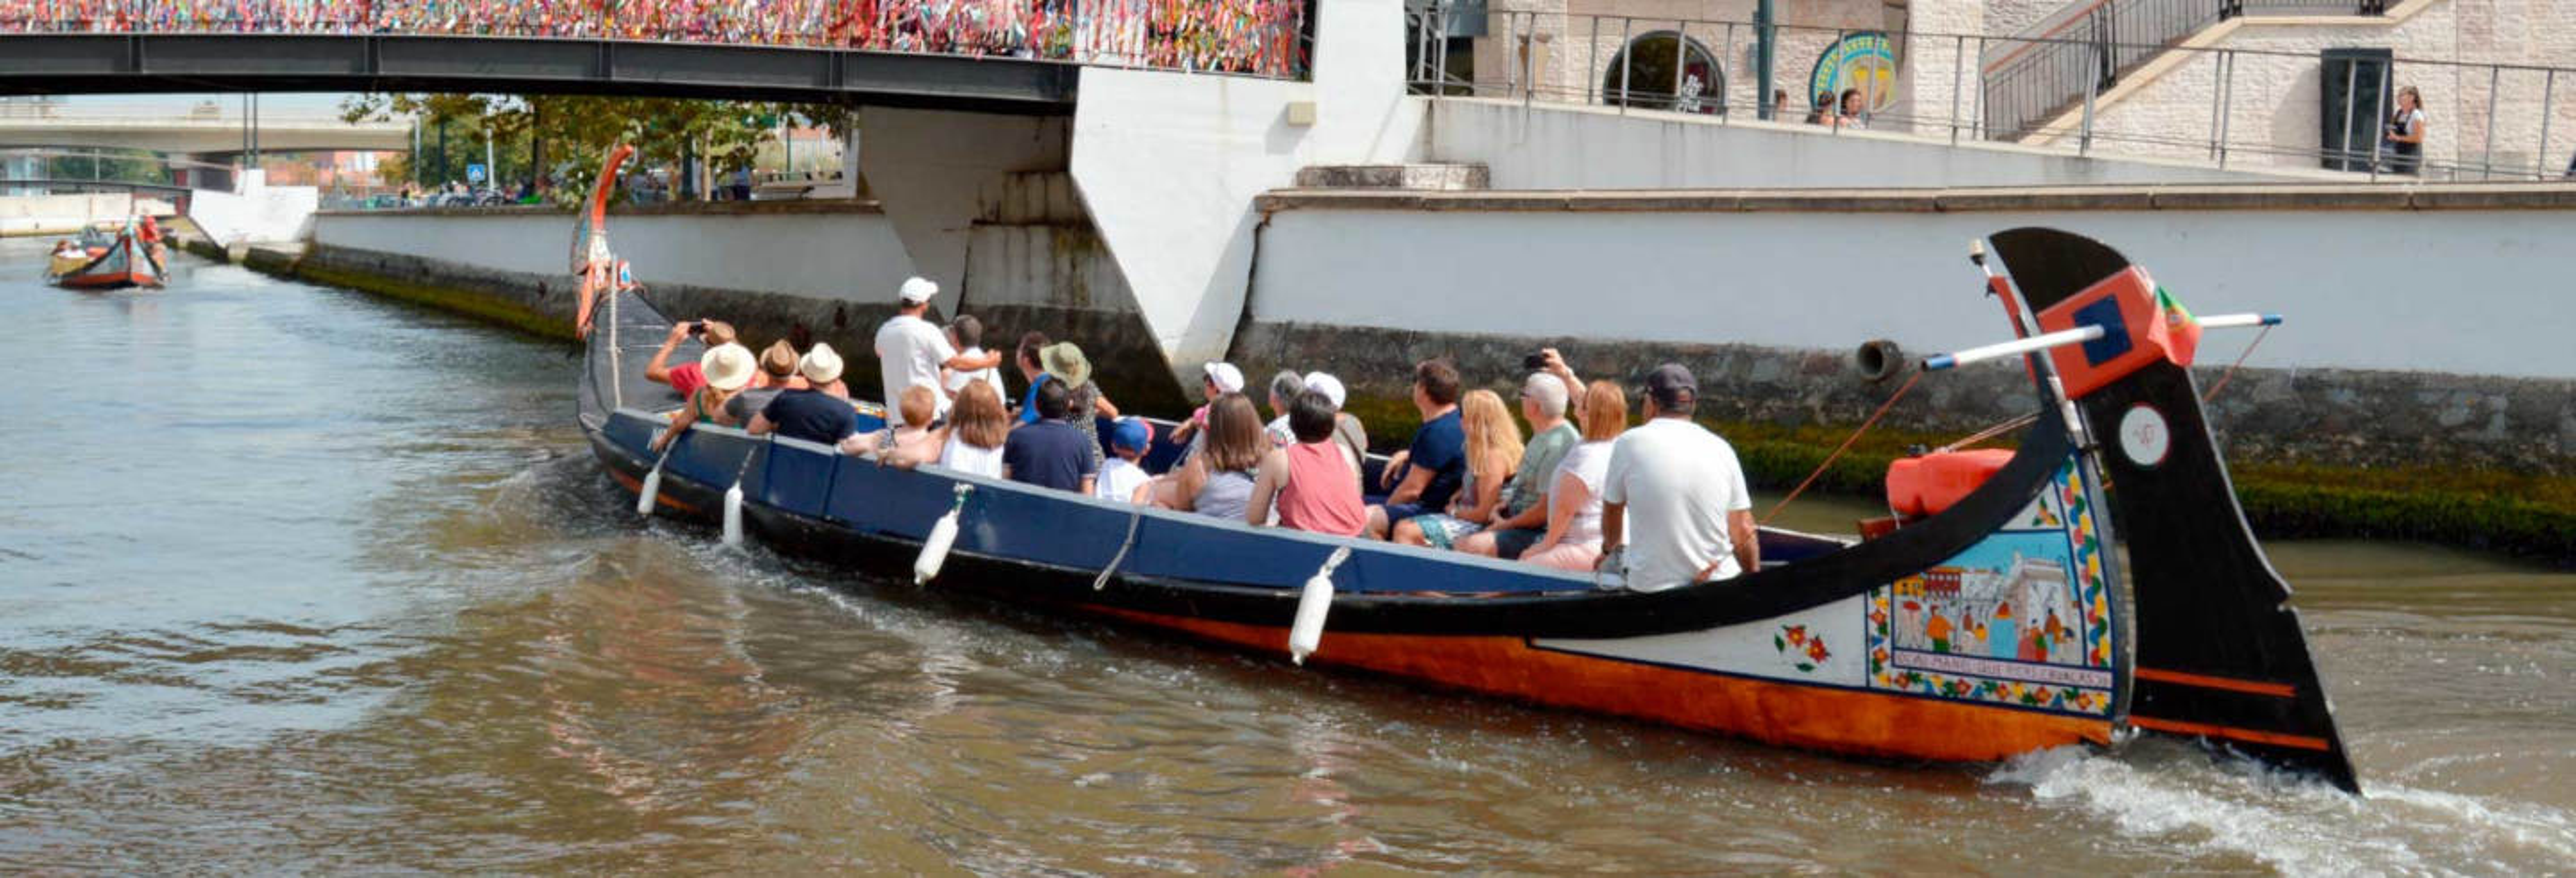 Paseo en barco moliceiro por Aveiro